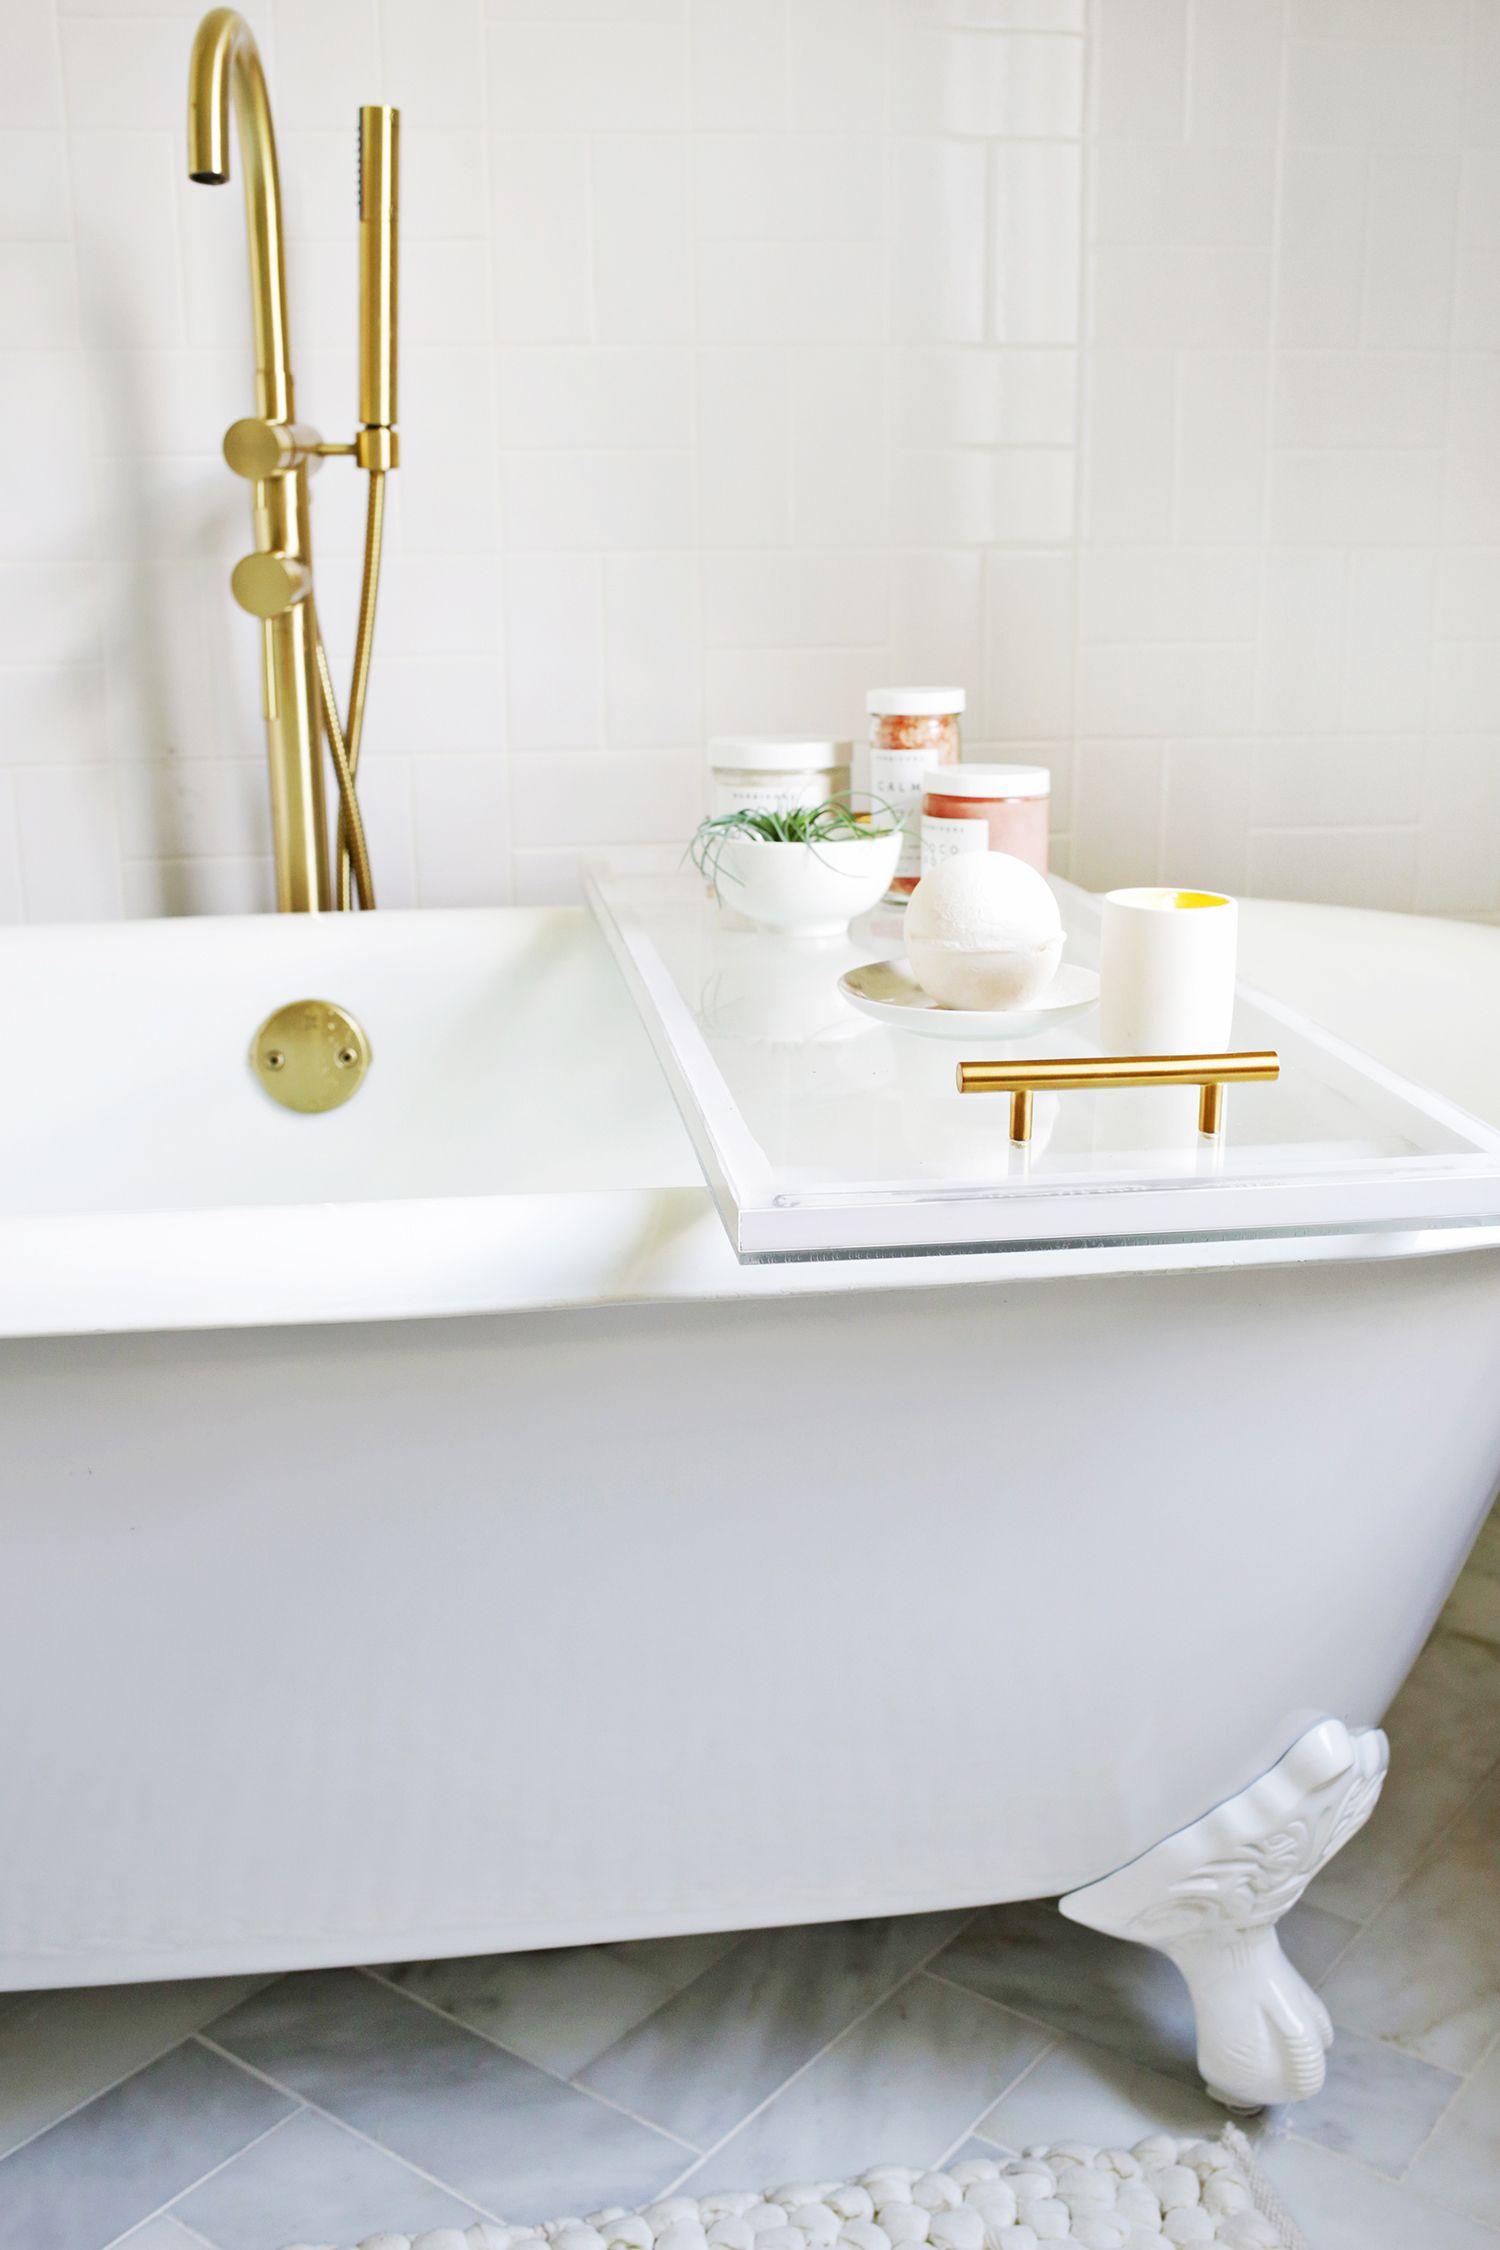 Gợi ý 10 cách thiết kế spa tại nhà giúp nâng tầm không gian phòng tắm - Ảnh 2.